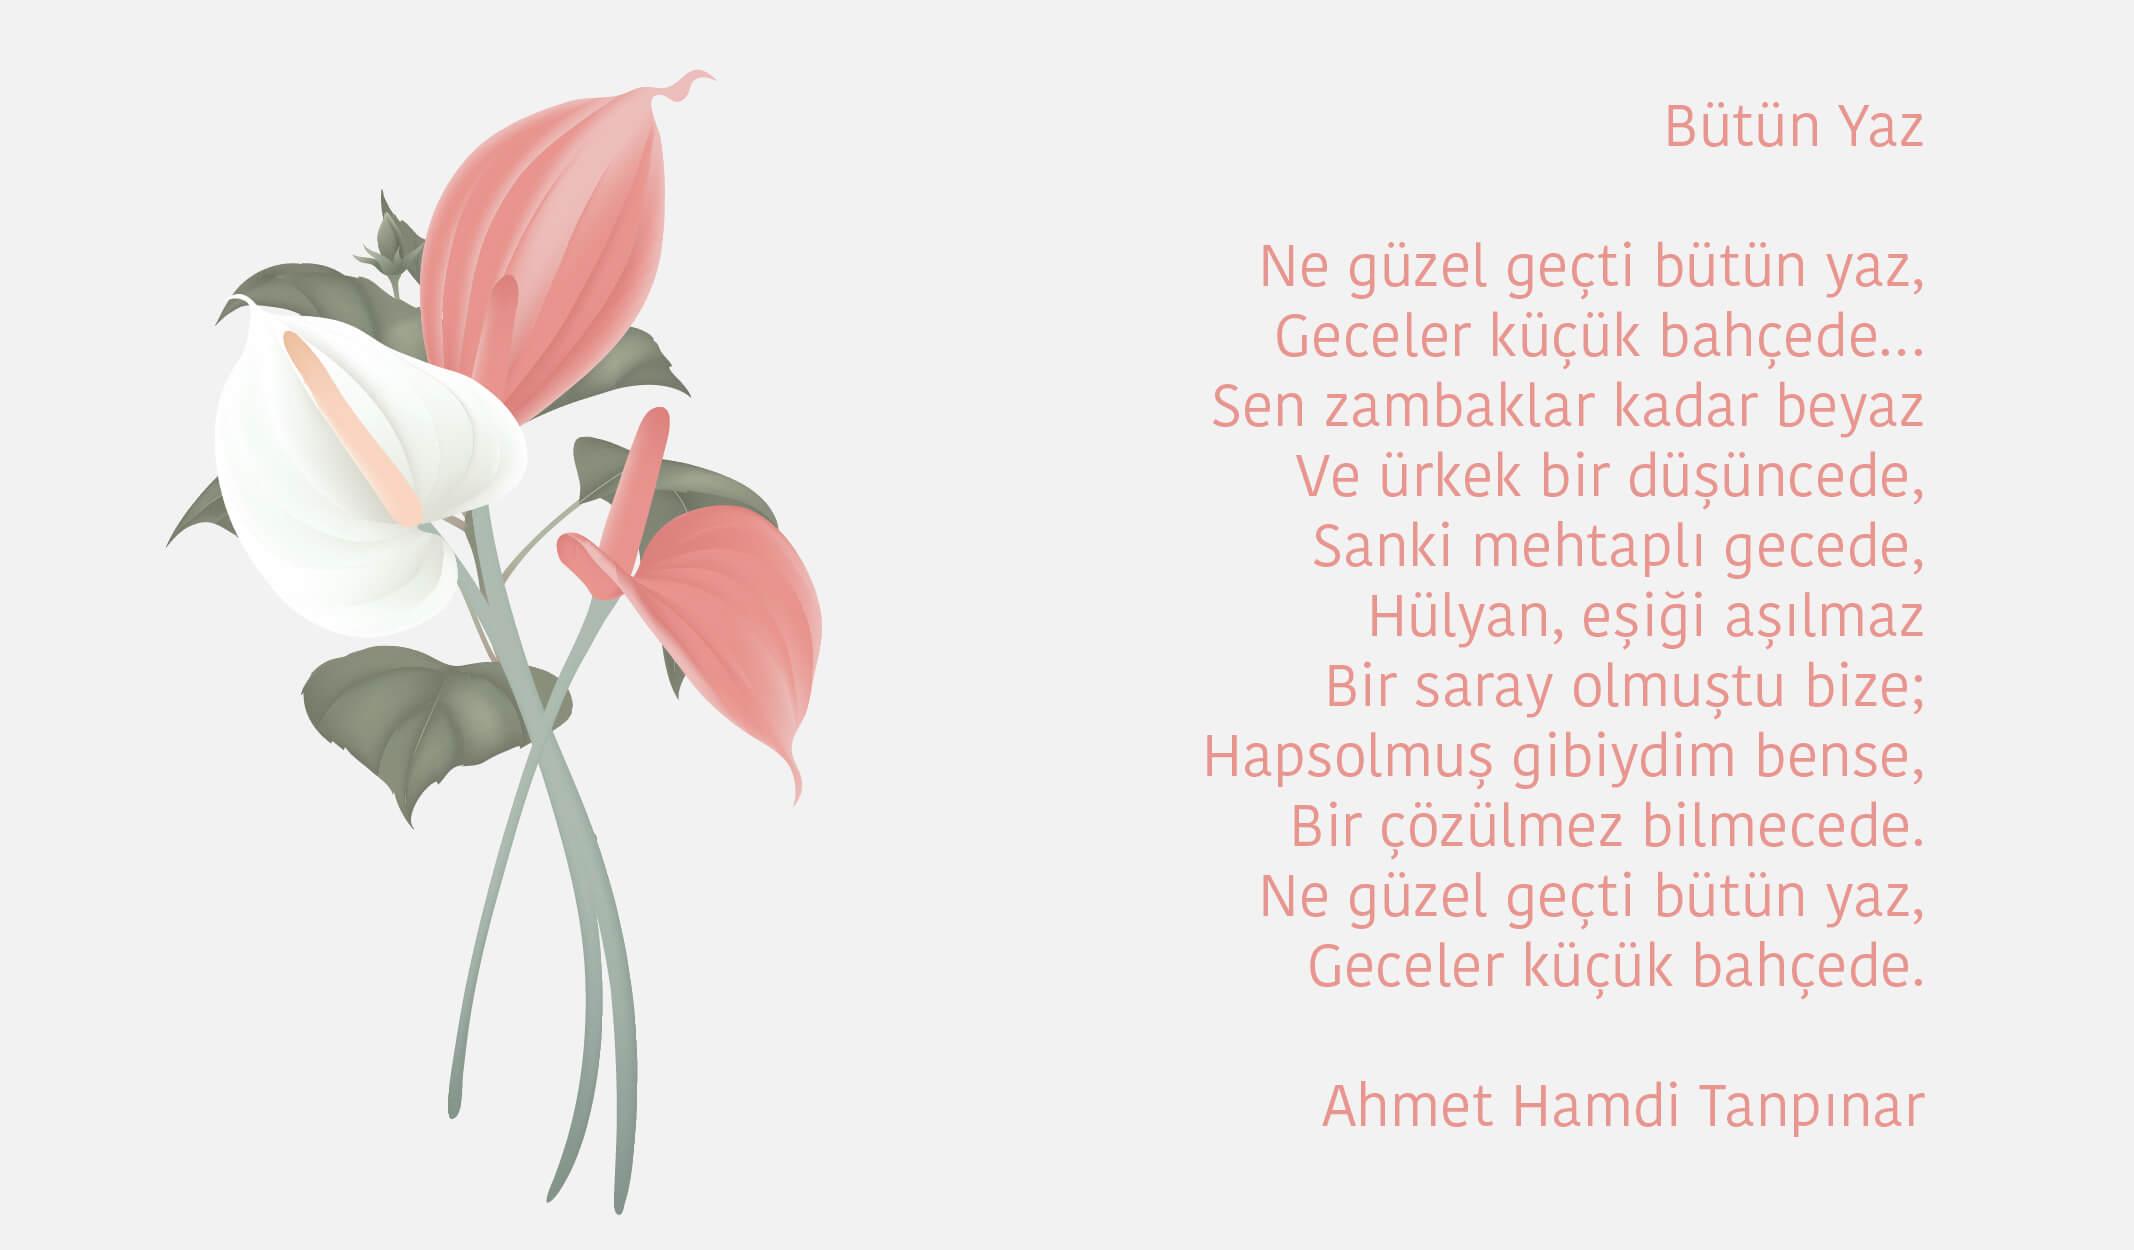 yaz şiirleri